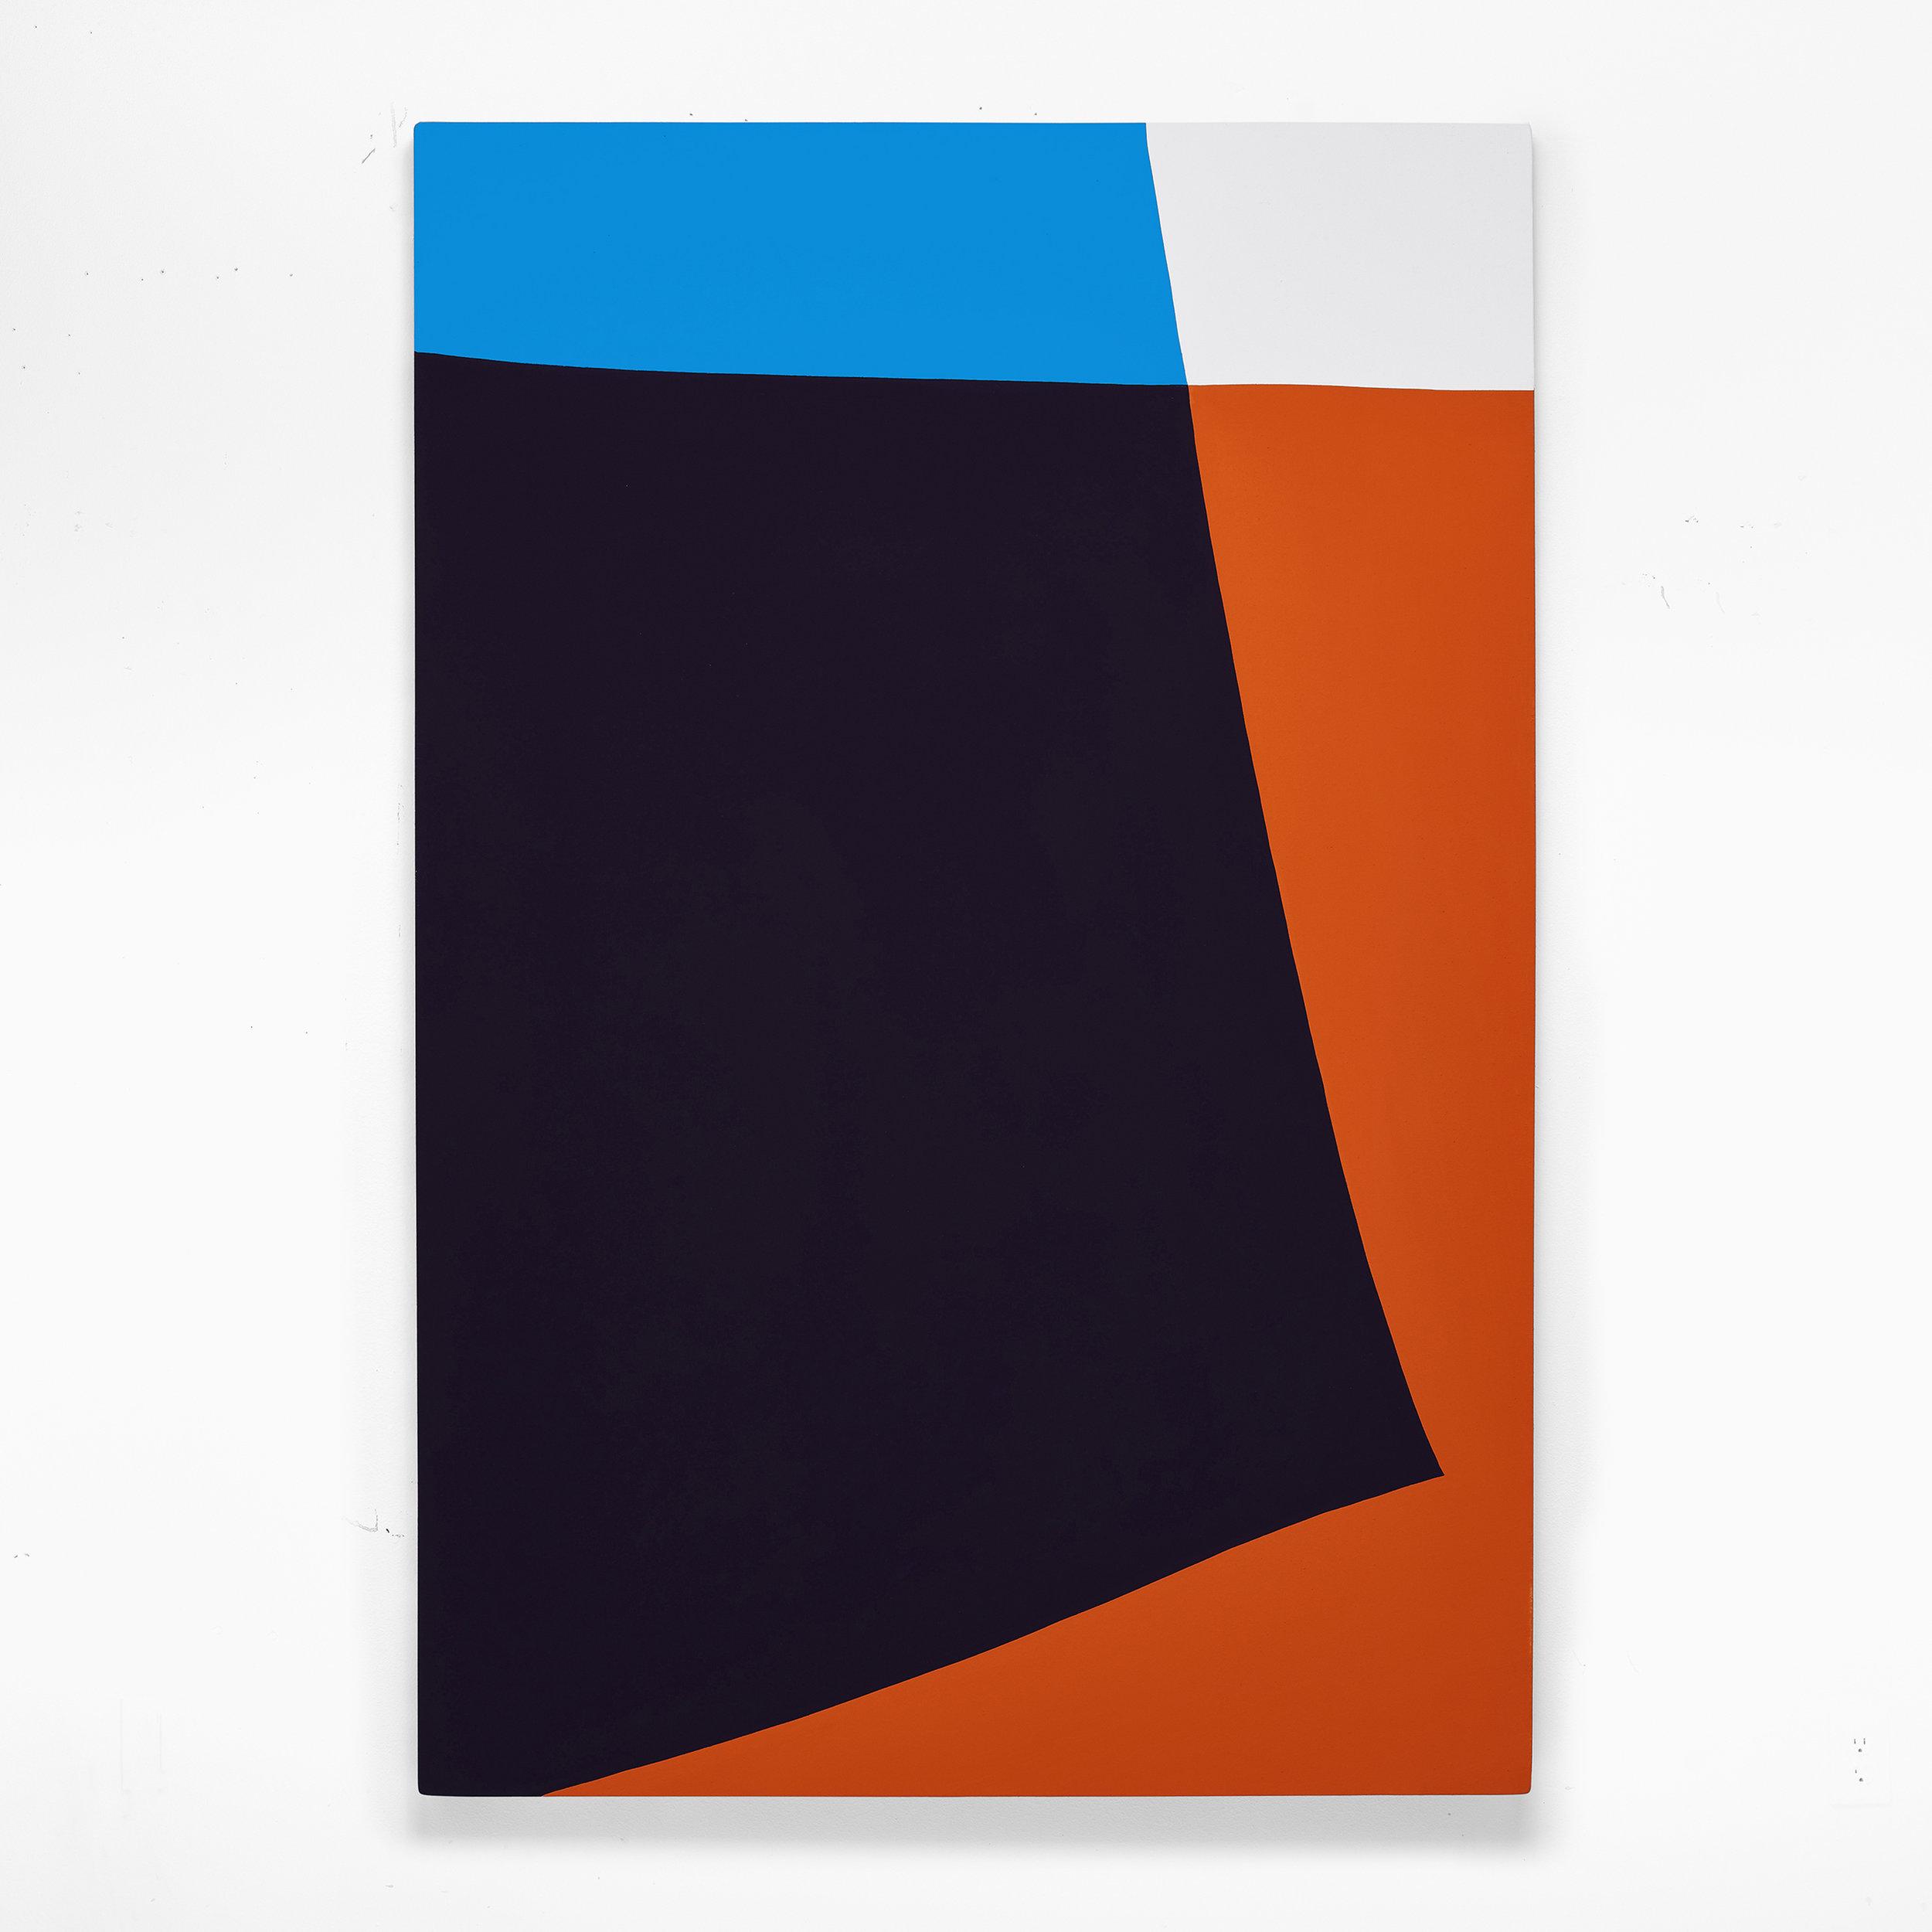 Paul Kremer-Artist Page.jpg